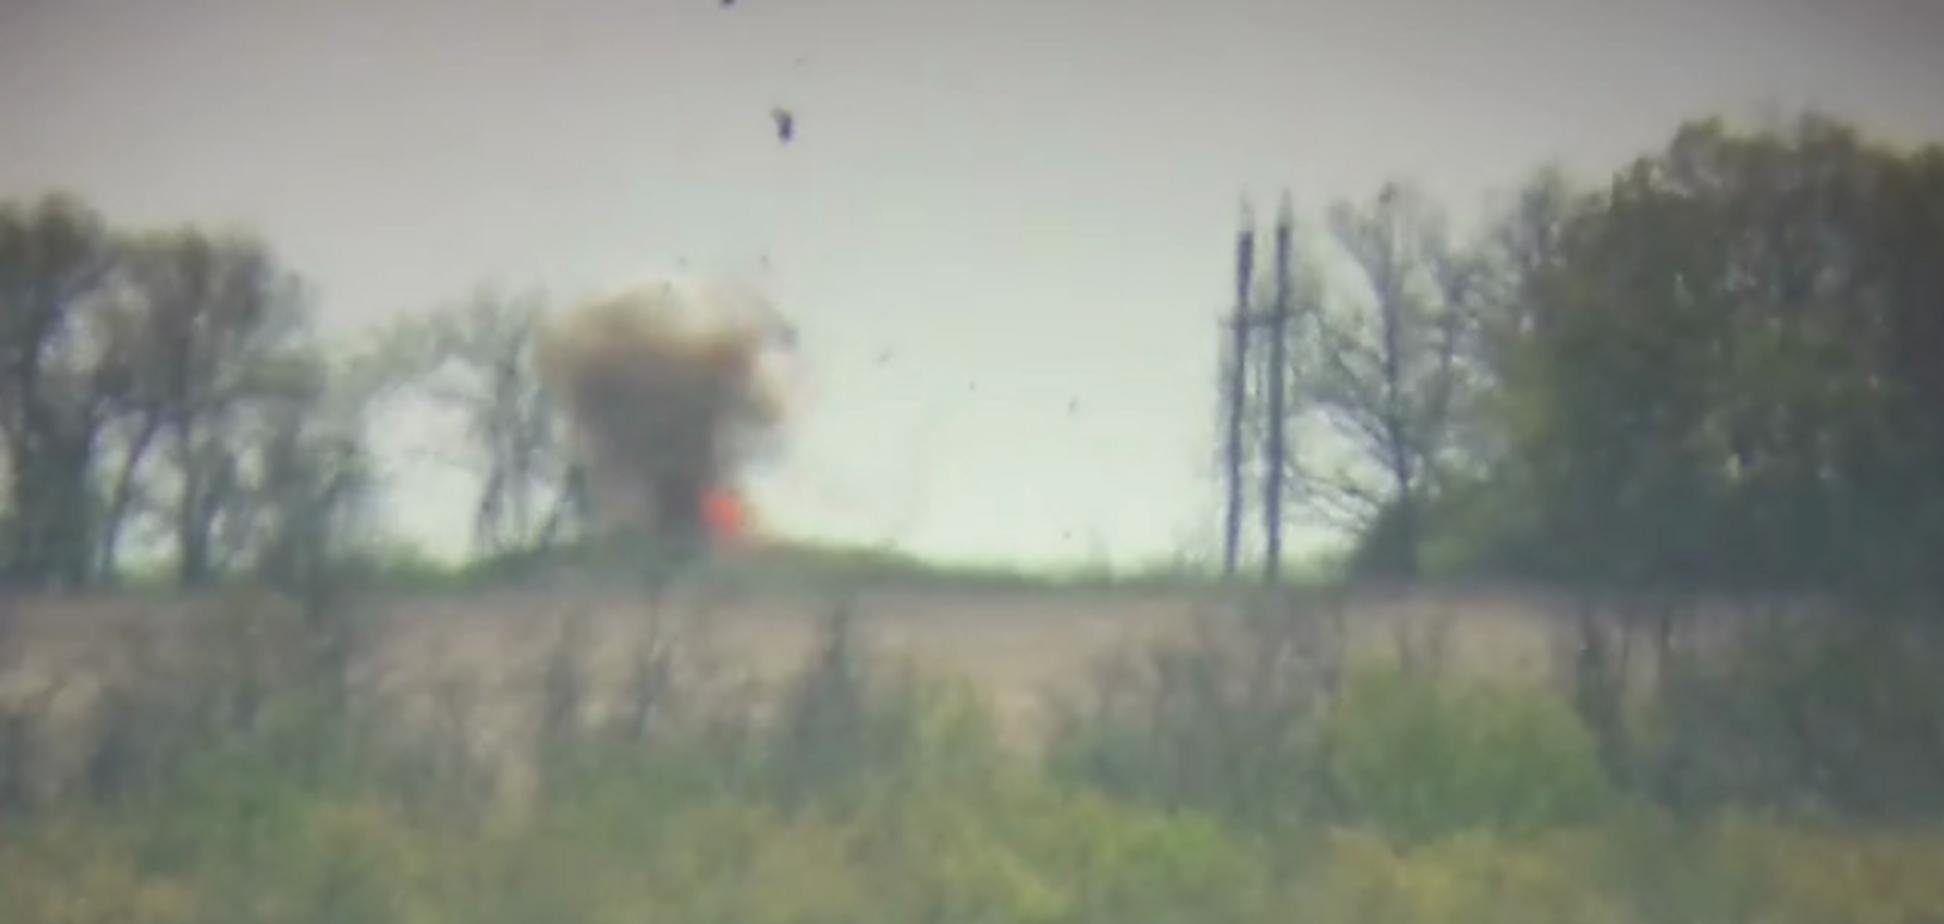 ВСУ на Донбассе взорвали командирский внедорожник террористов. Видео